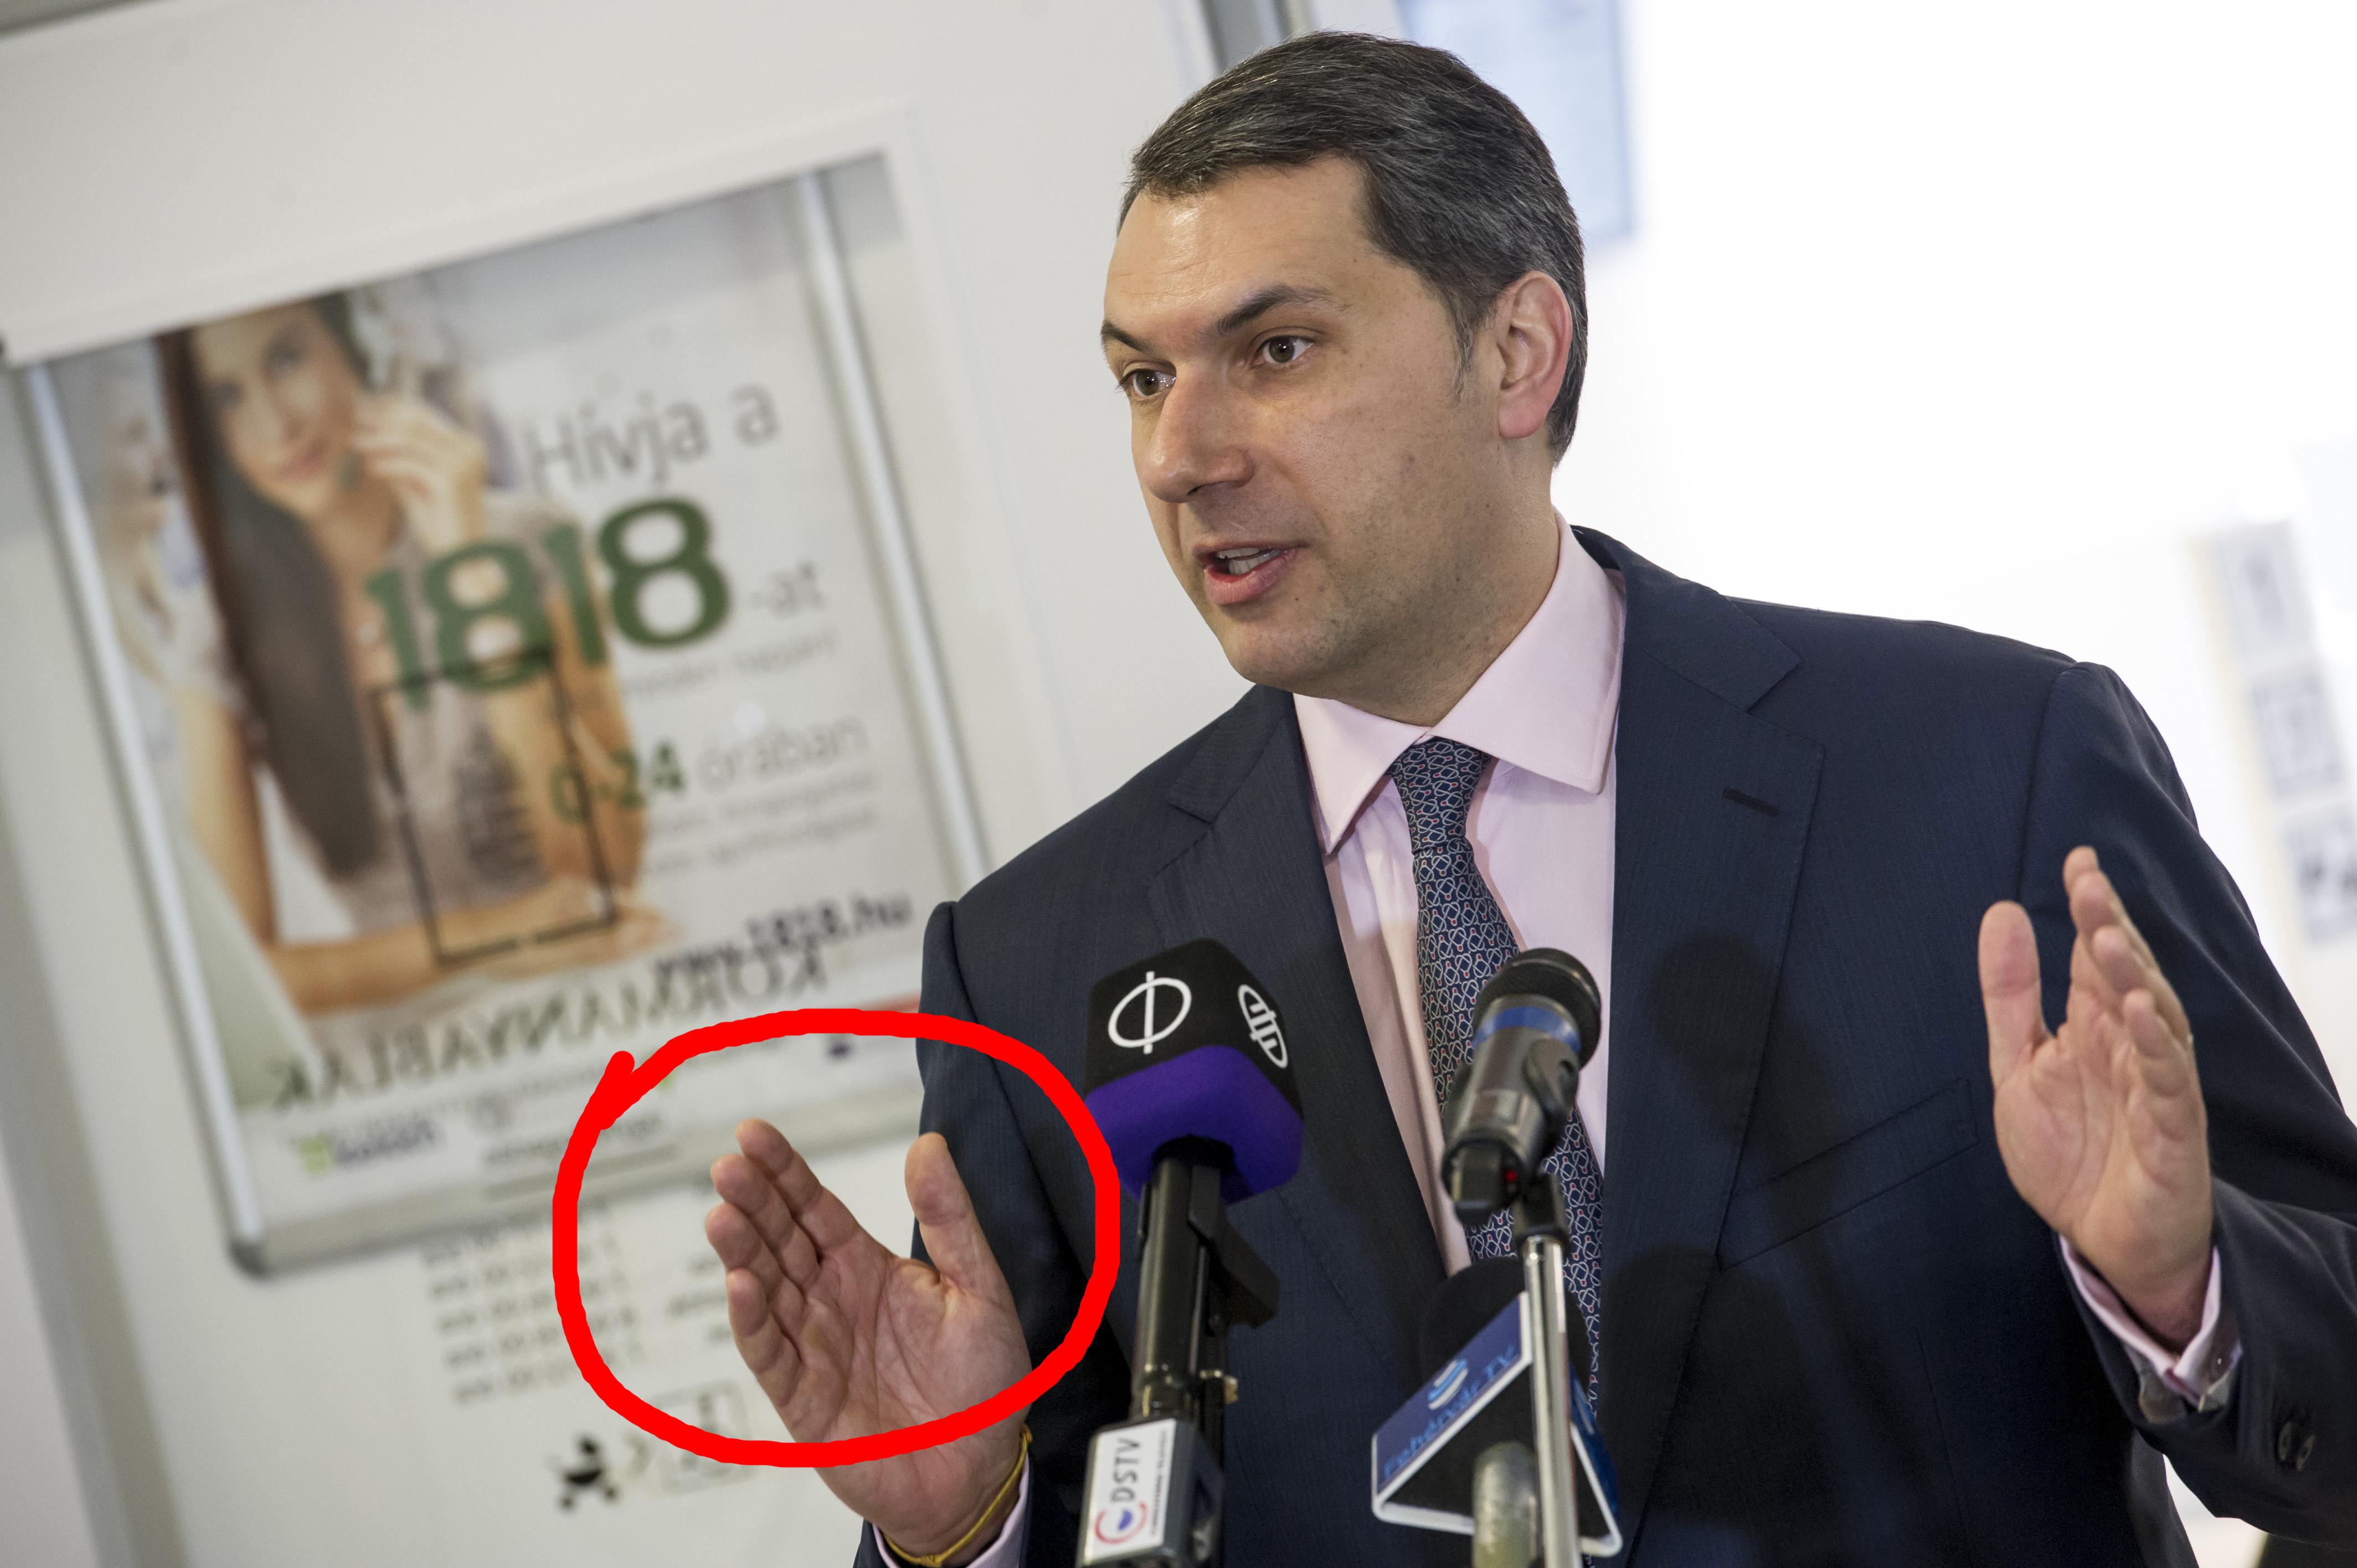 Itt a bizonyíték arra, hogy Lázár Jánosnak tényleg nincs ujjlenyomata